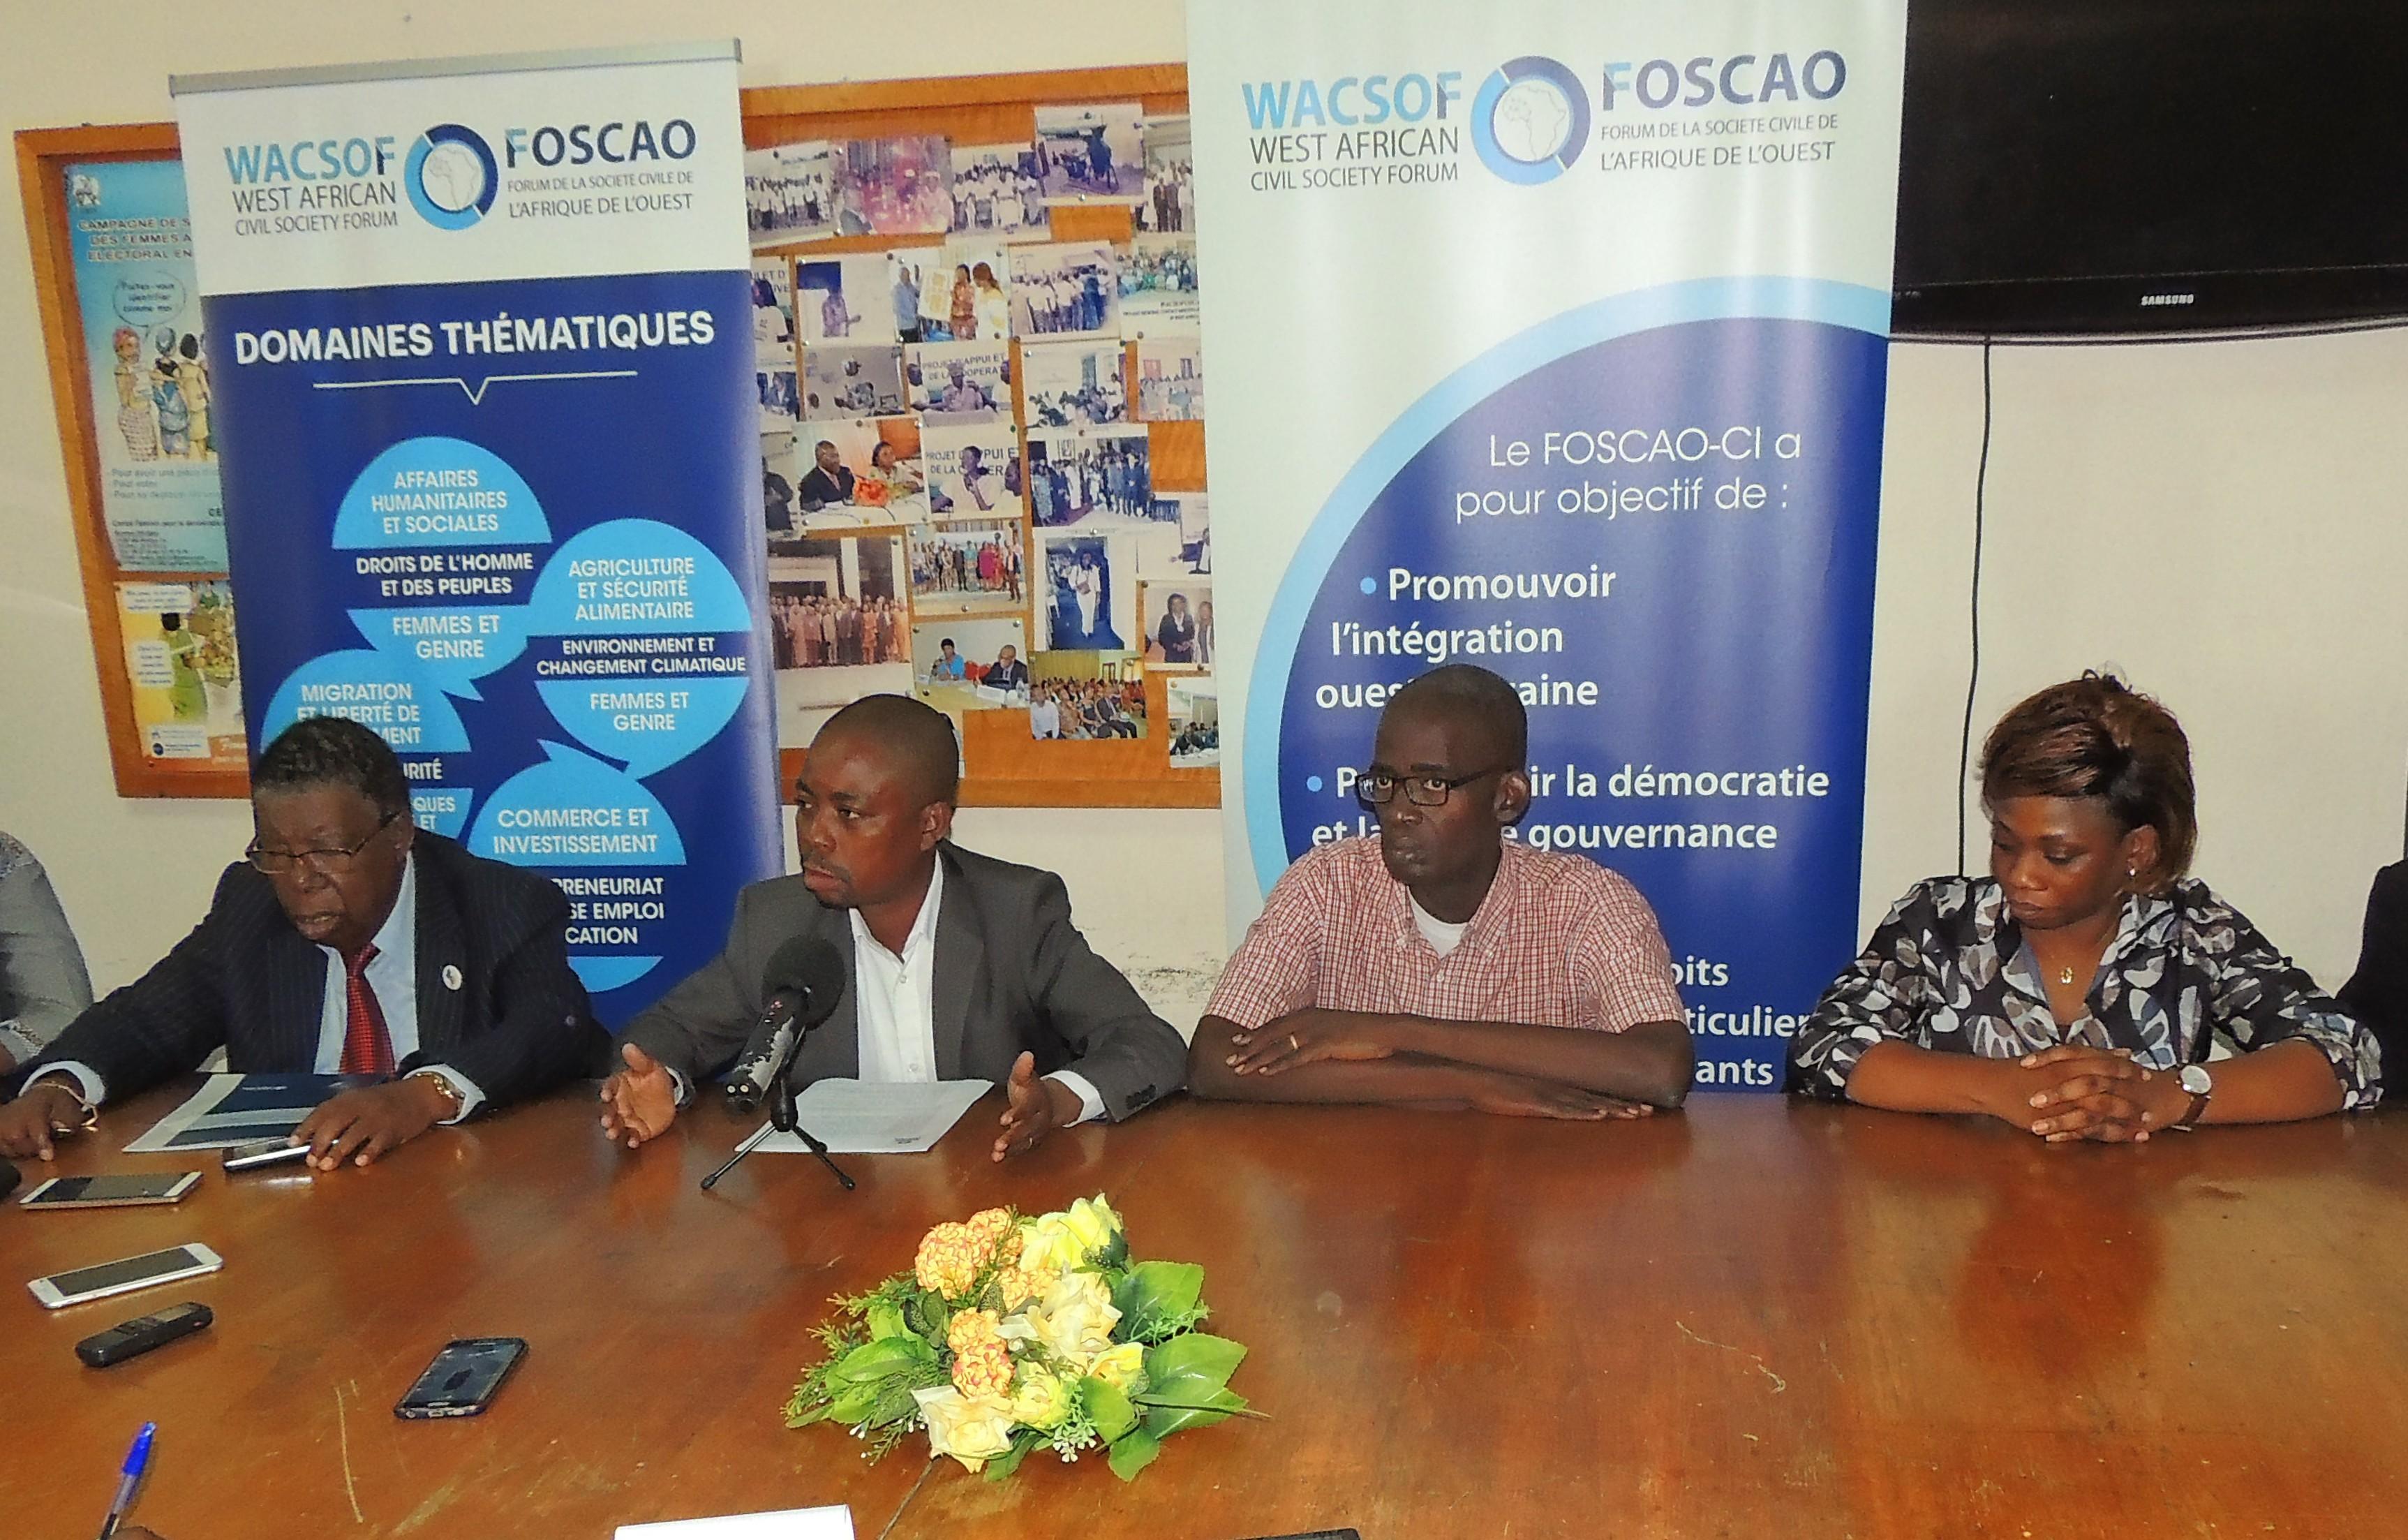 élections de 2020,situation socio-politique,Guillaume Gbato,FOSCAO,Forum de la société covile de l'Afrique de l'Ouest